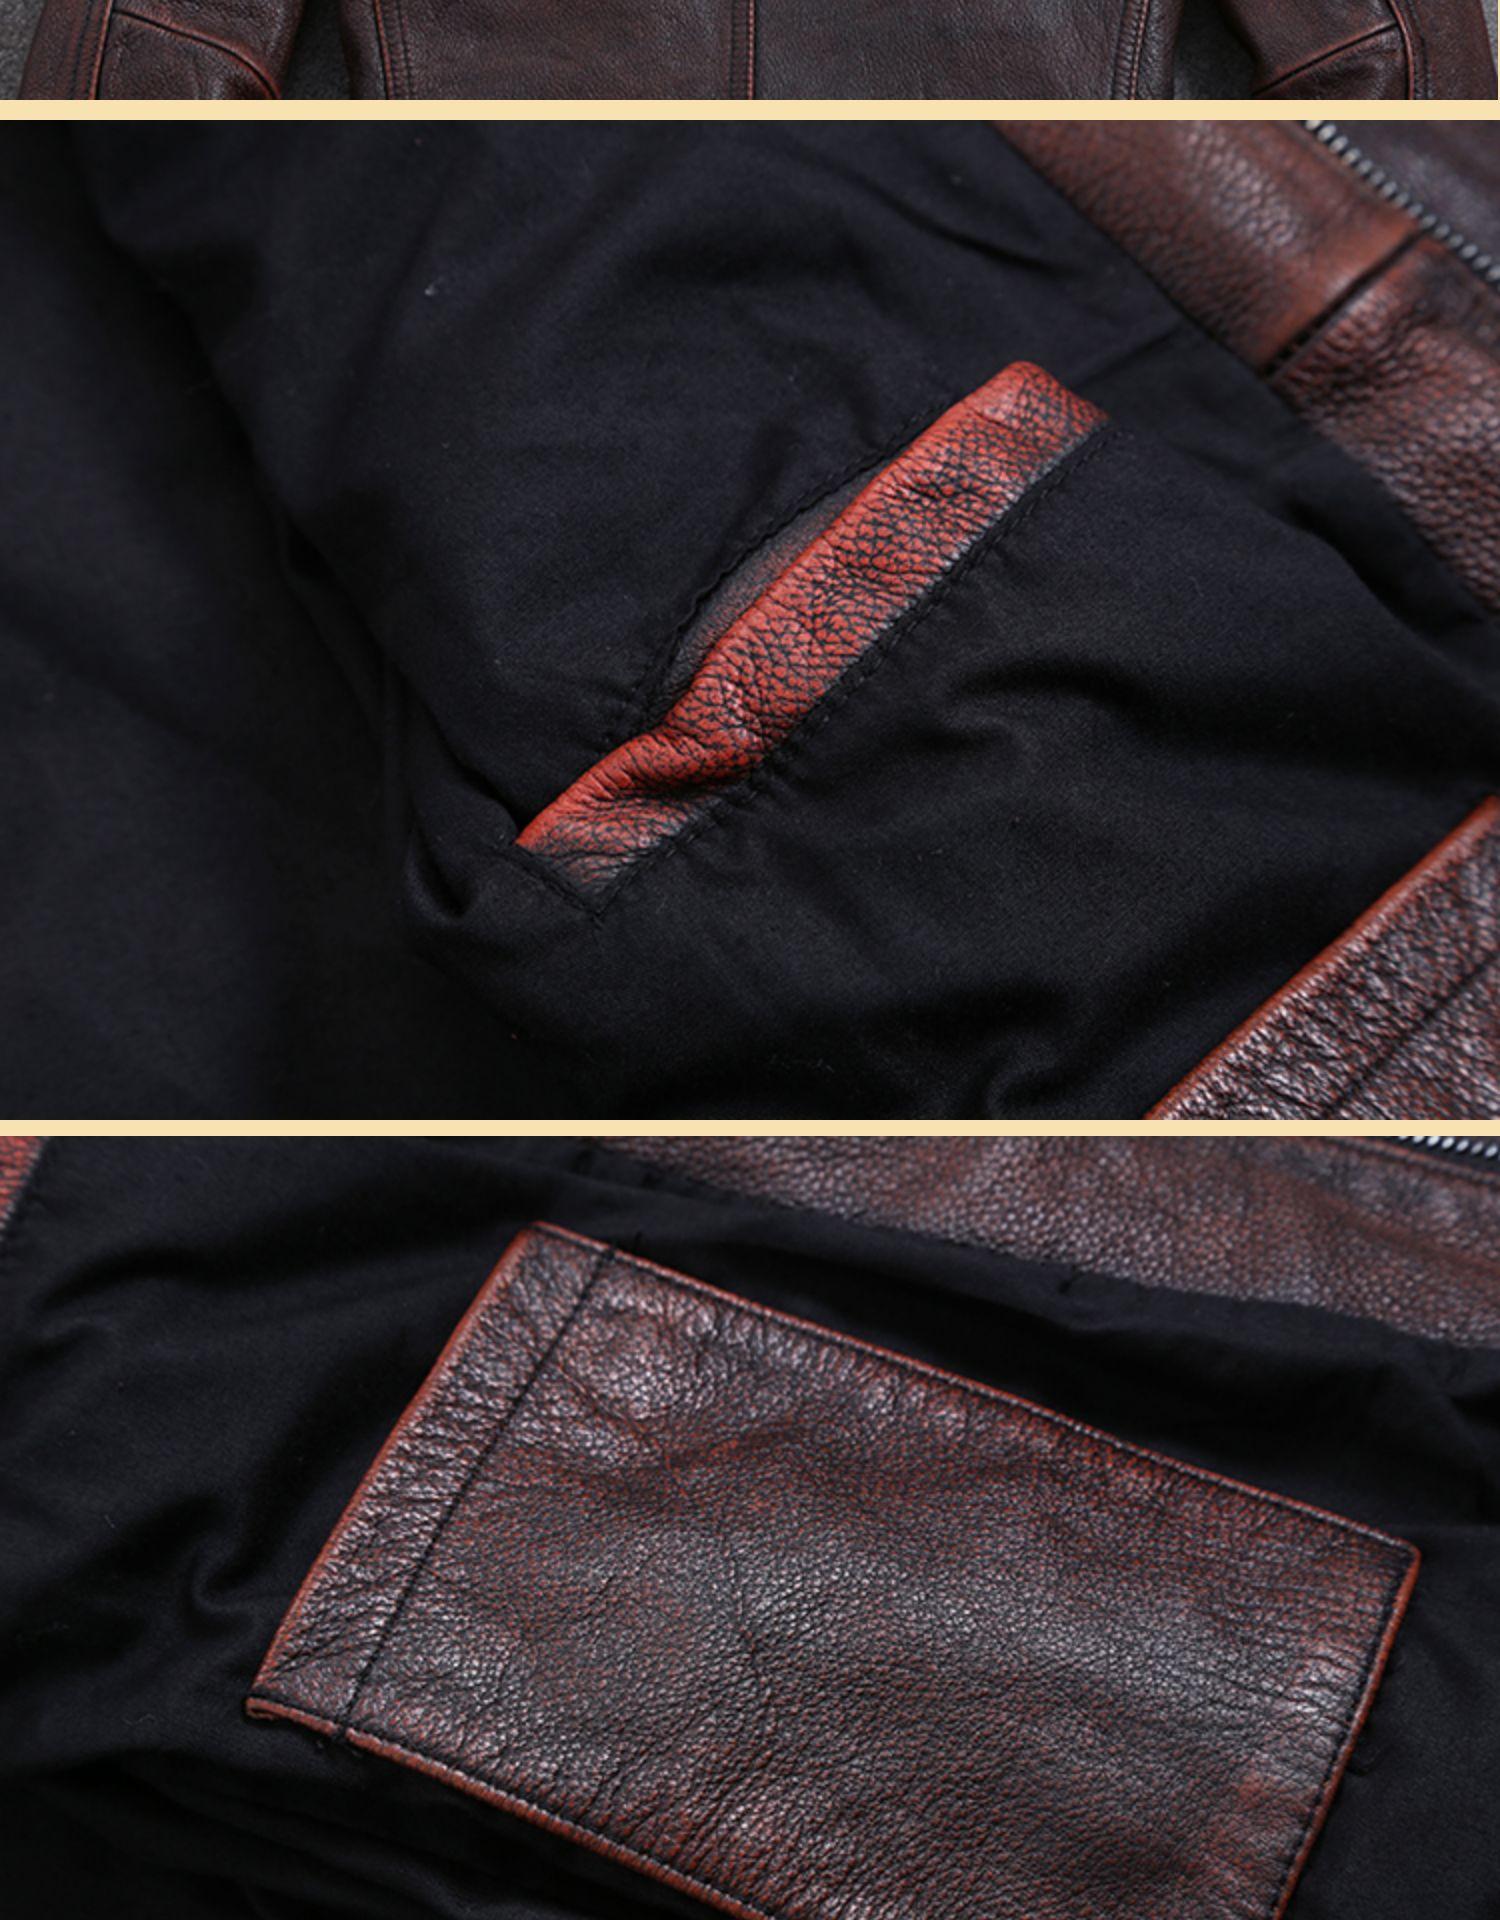 Ha26c6ea8253a4f38a7caba74a6a5f427q AYUNSUE Vintage Genuine Cow Leather Jacket Men Plus Size Cowhide Leather Coat Slim Short Jacket Veste Cuir Homme L-Z-14 YY1366